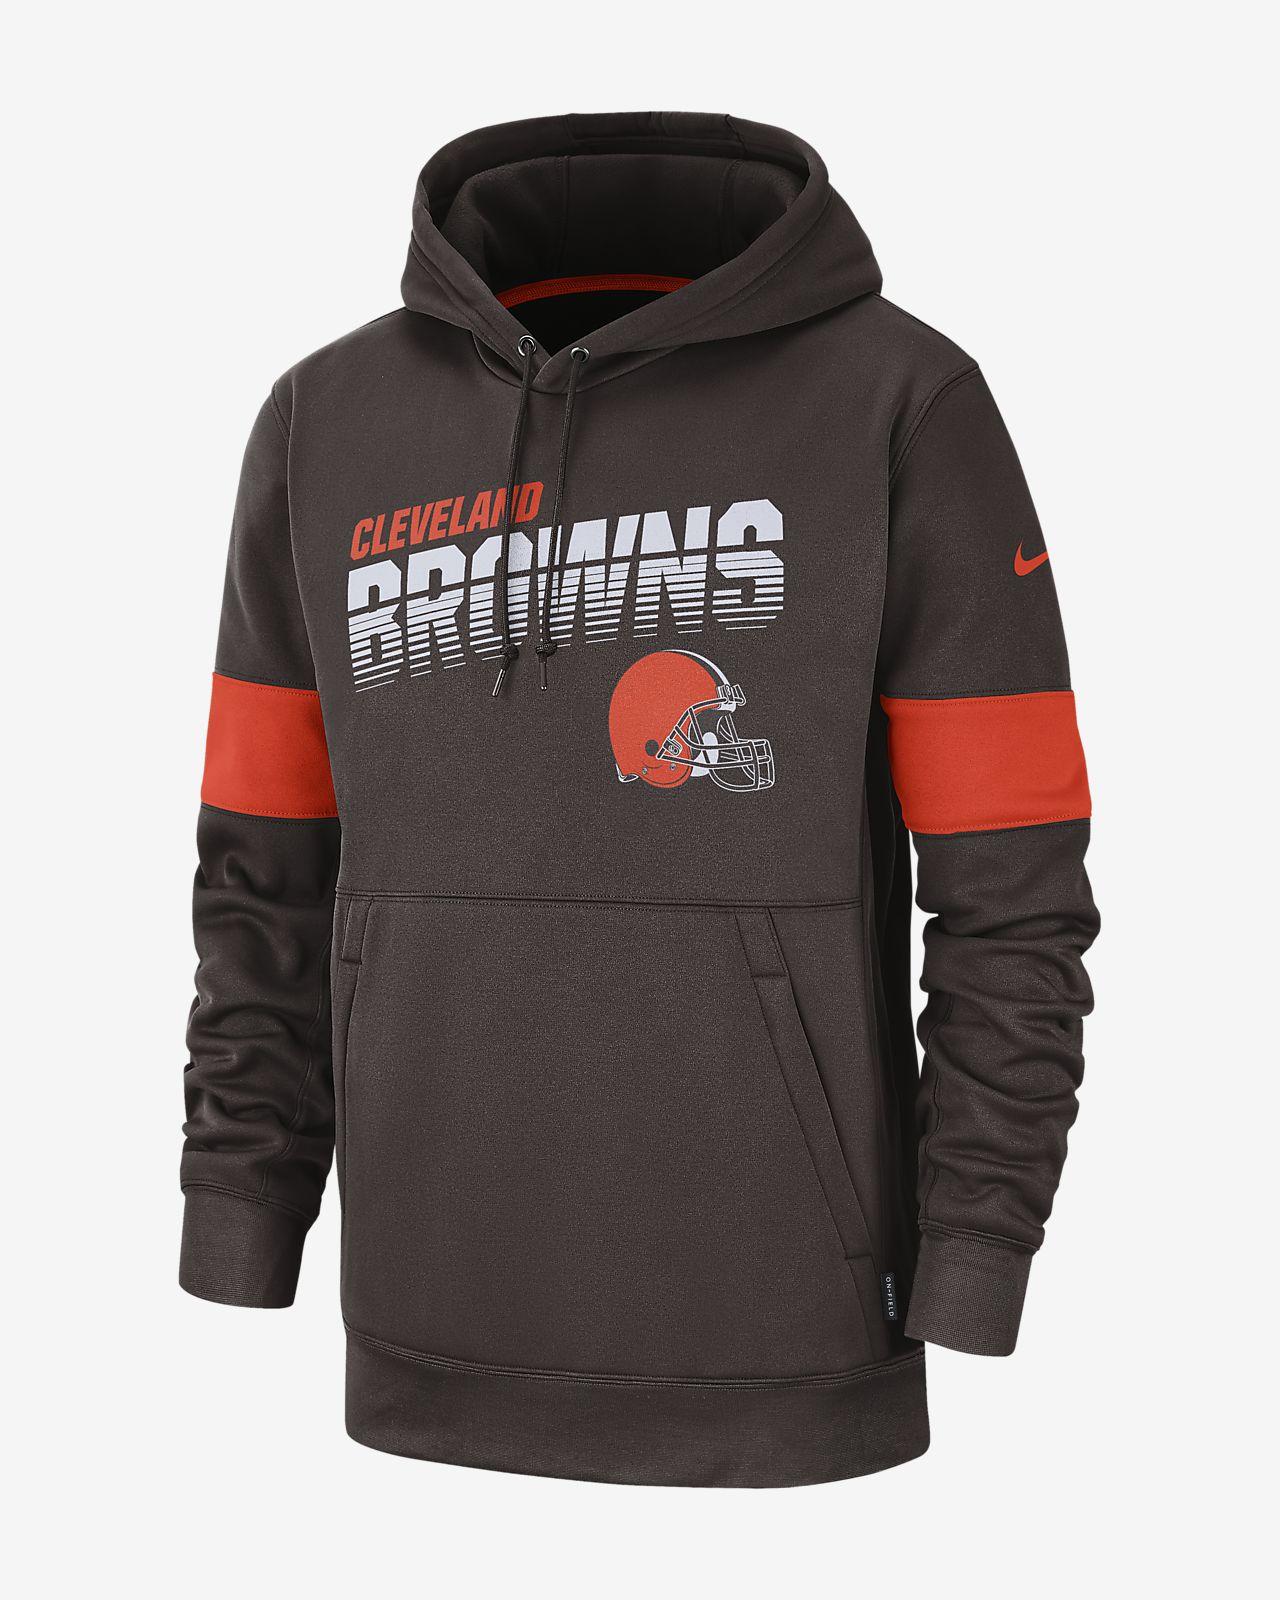 online retailer 5320a 74161 Nike Therma (NFL Browns) Men's Hoodie